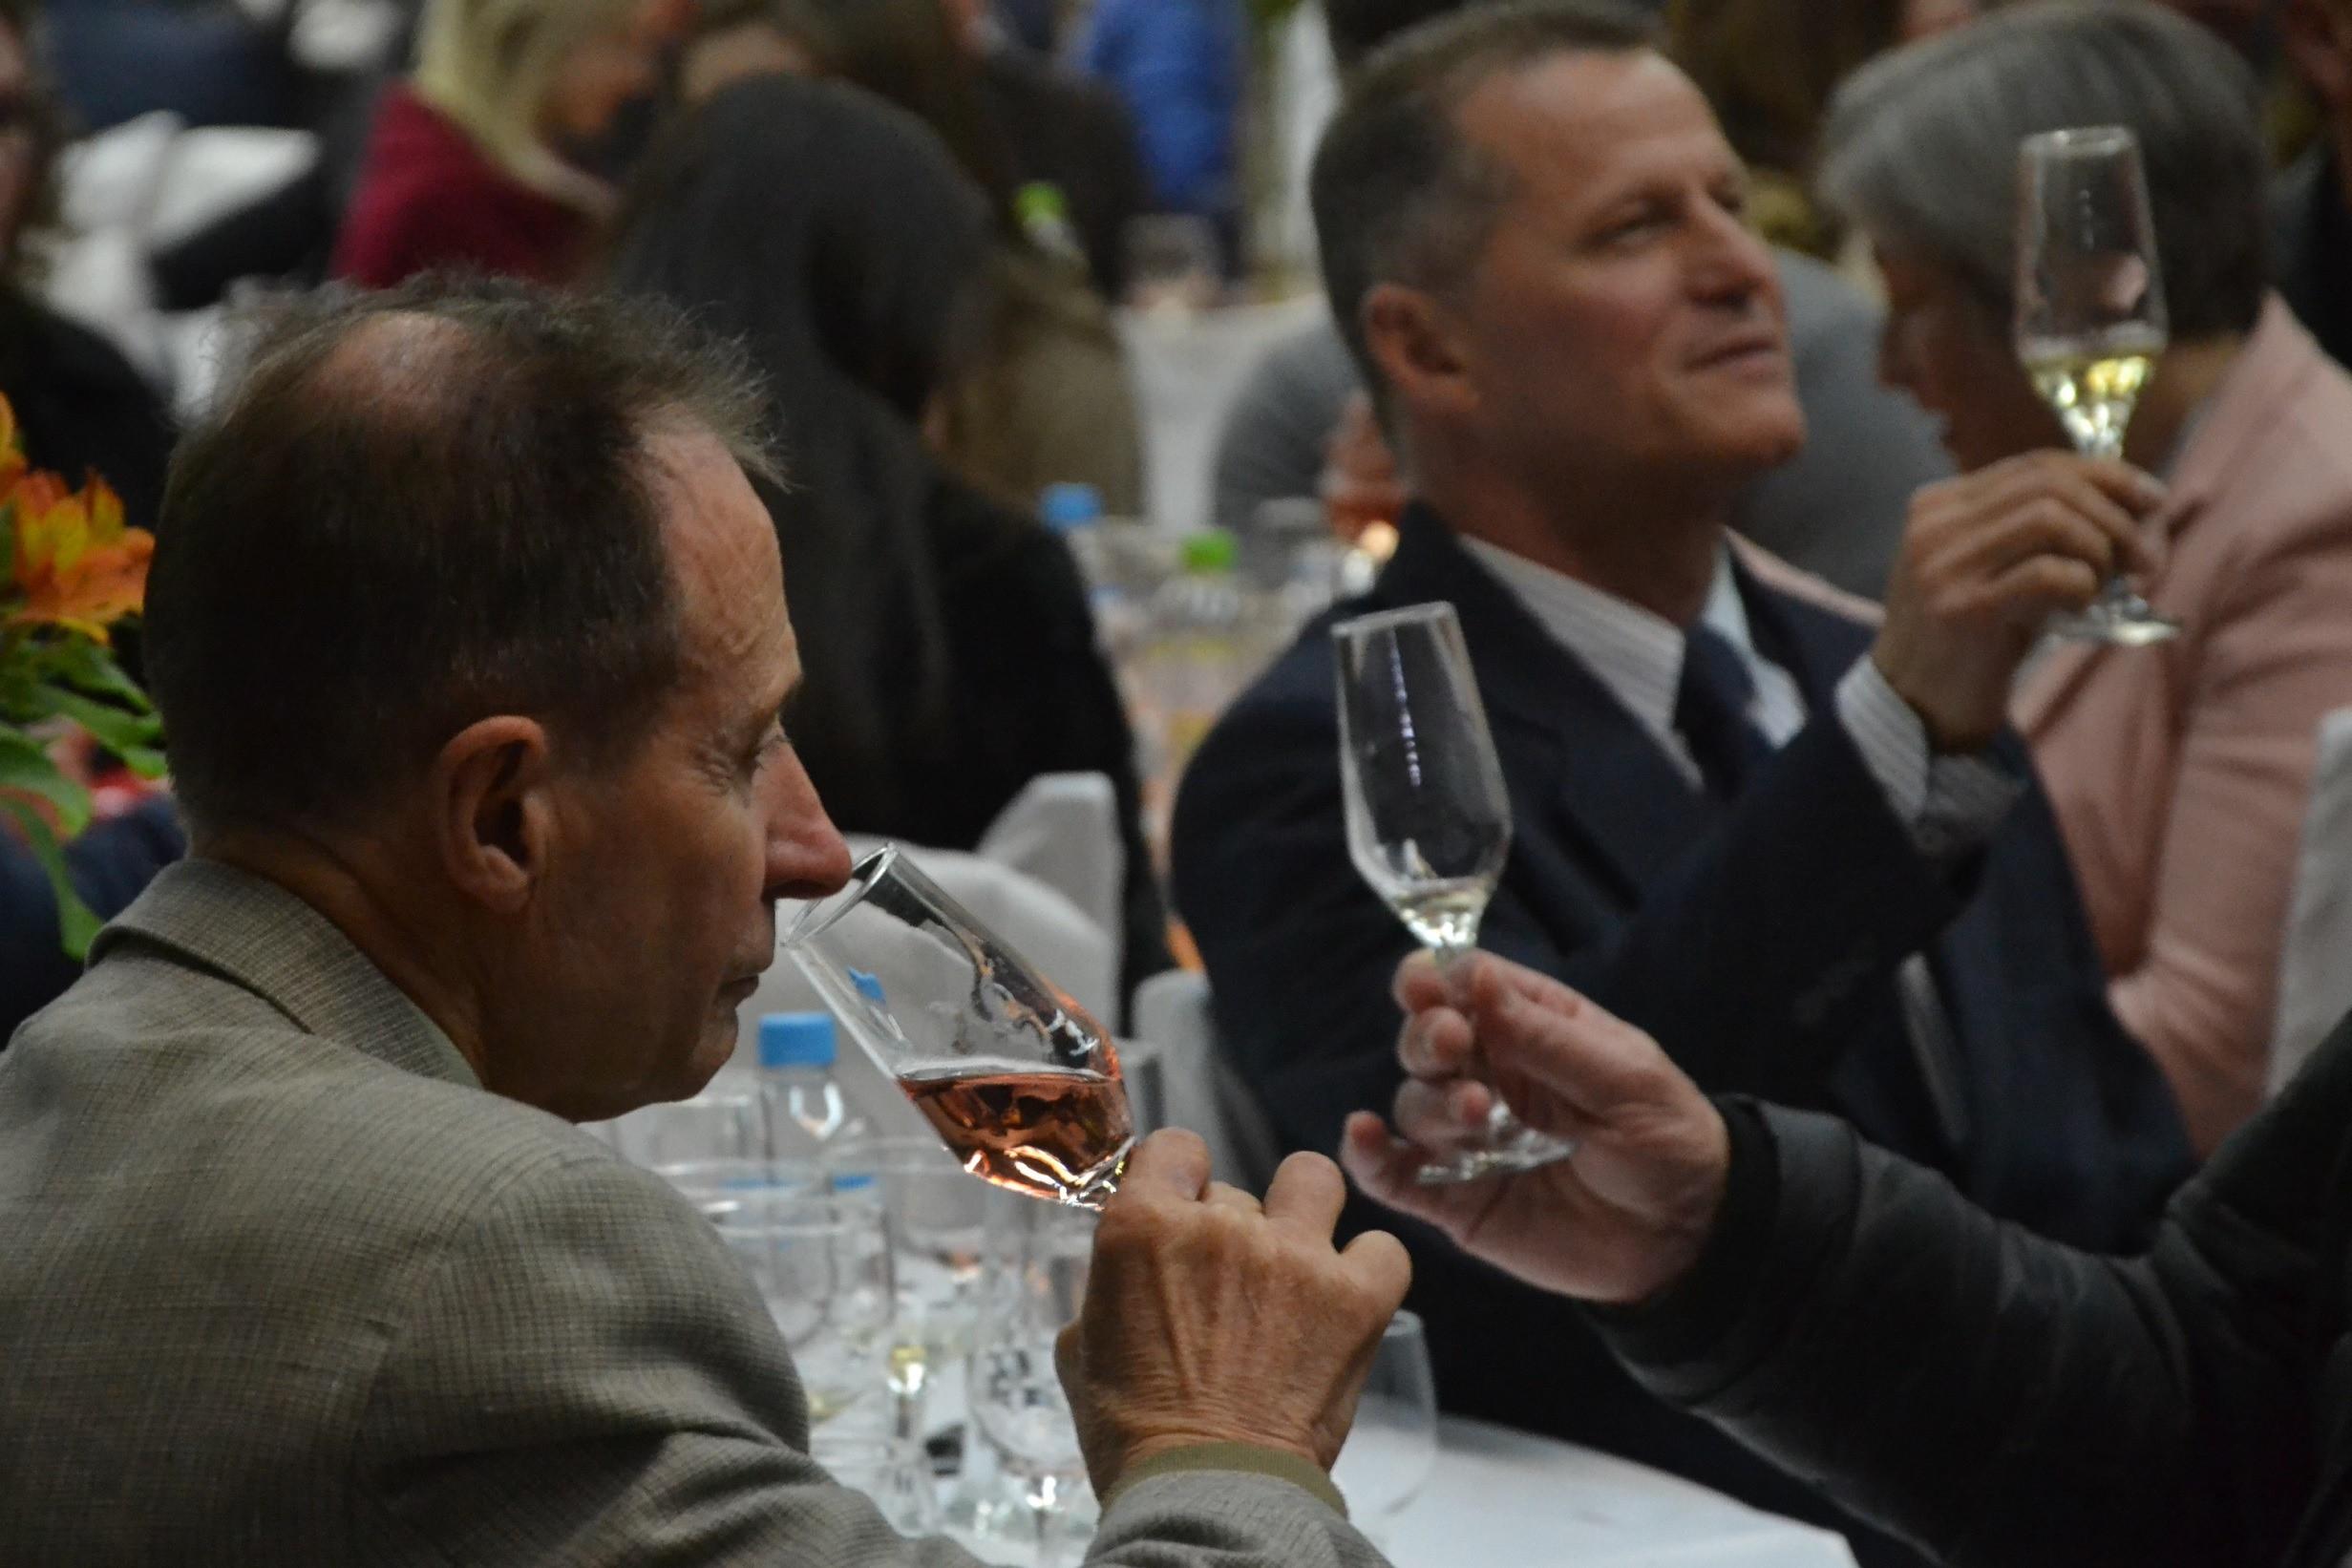 Foto 17ª Jantar Seleção dos Melhores Vinhos, Espumantes e Sucos de Garibaldi consagra qualidade garibaldense